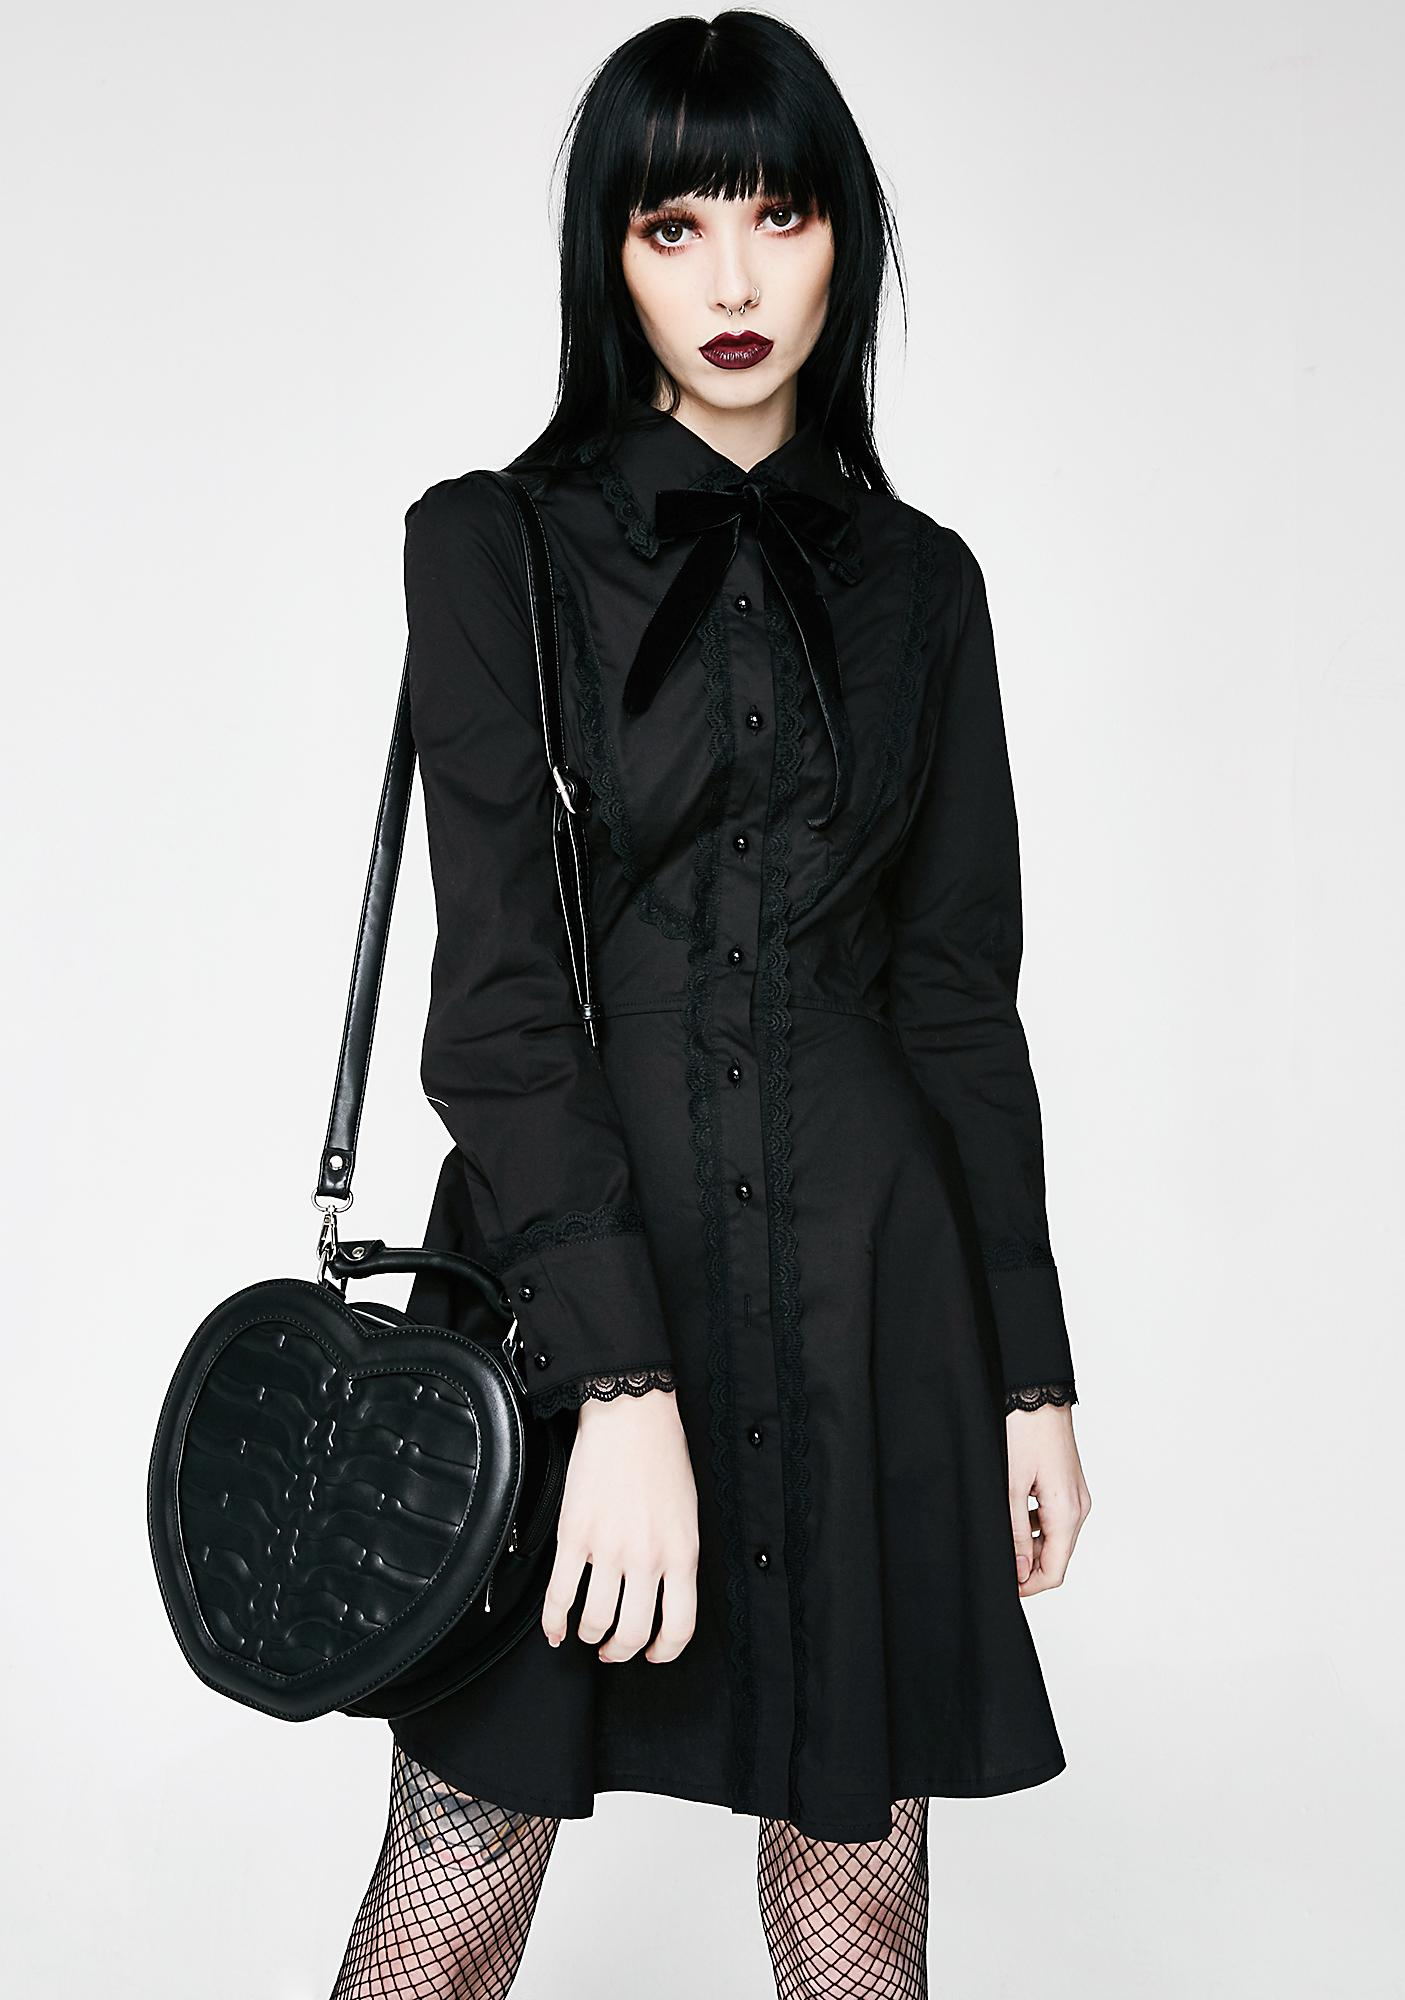 Killstar Black Heartz Handbag